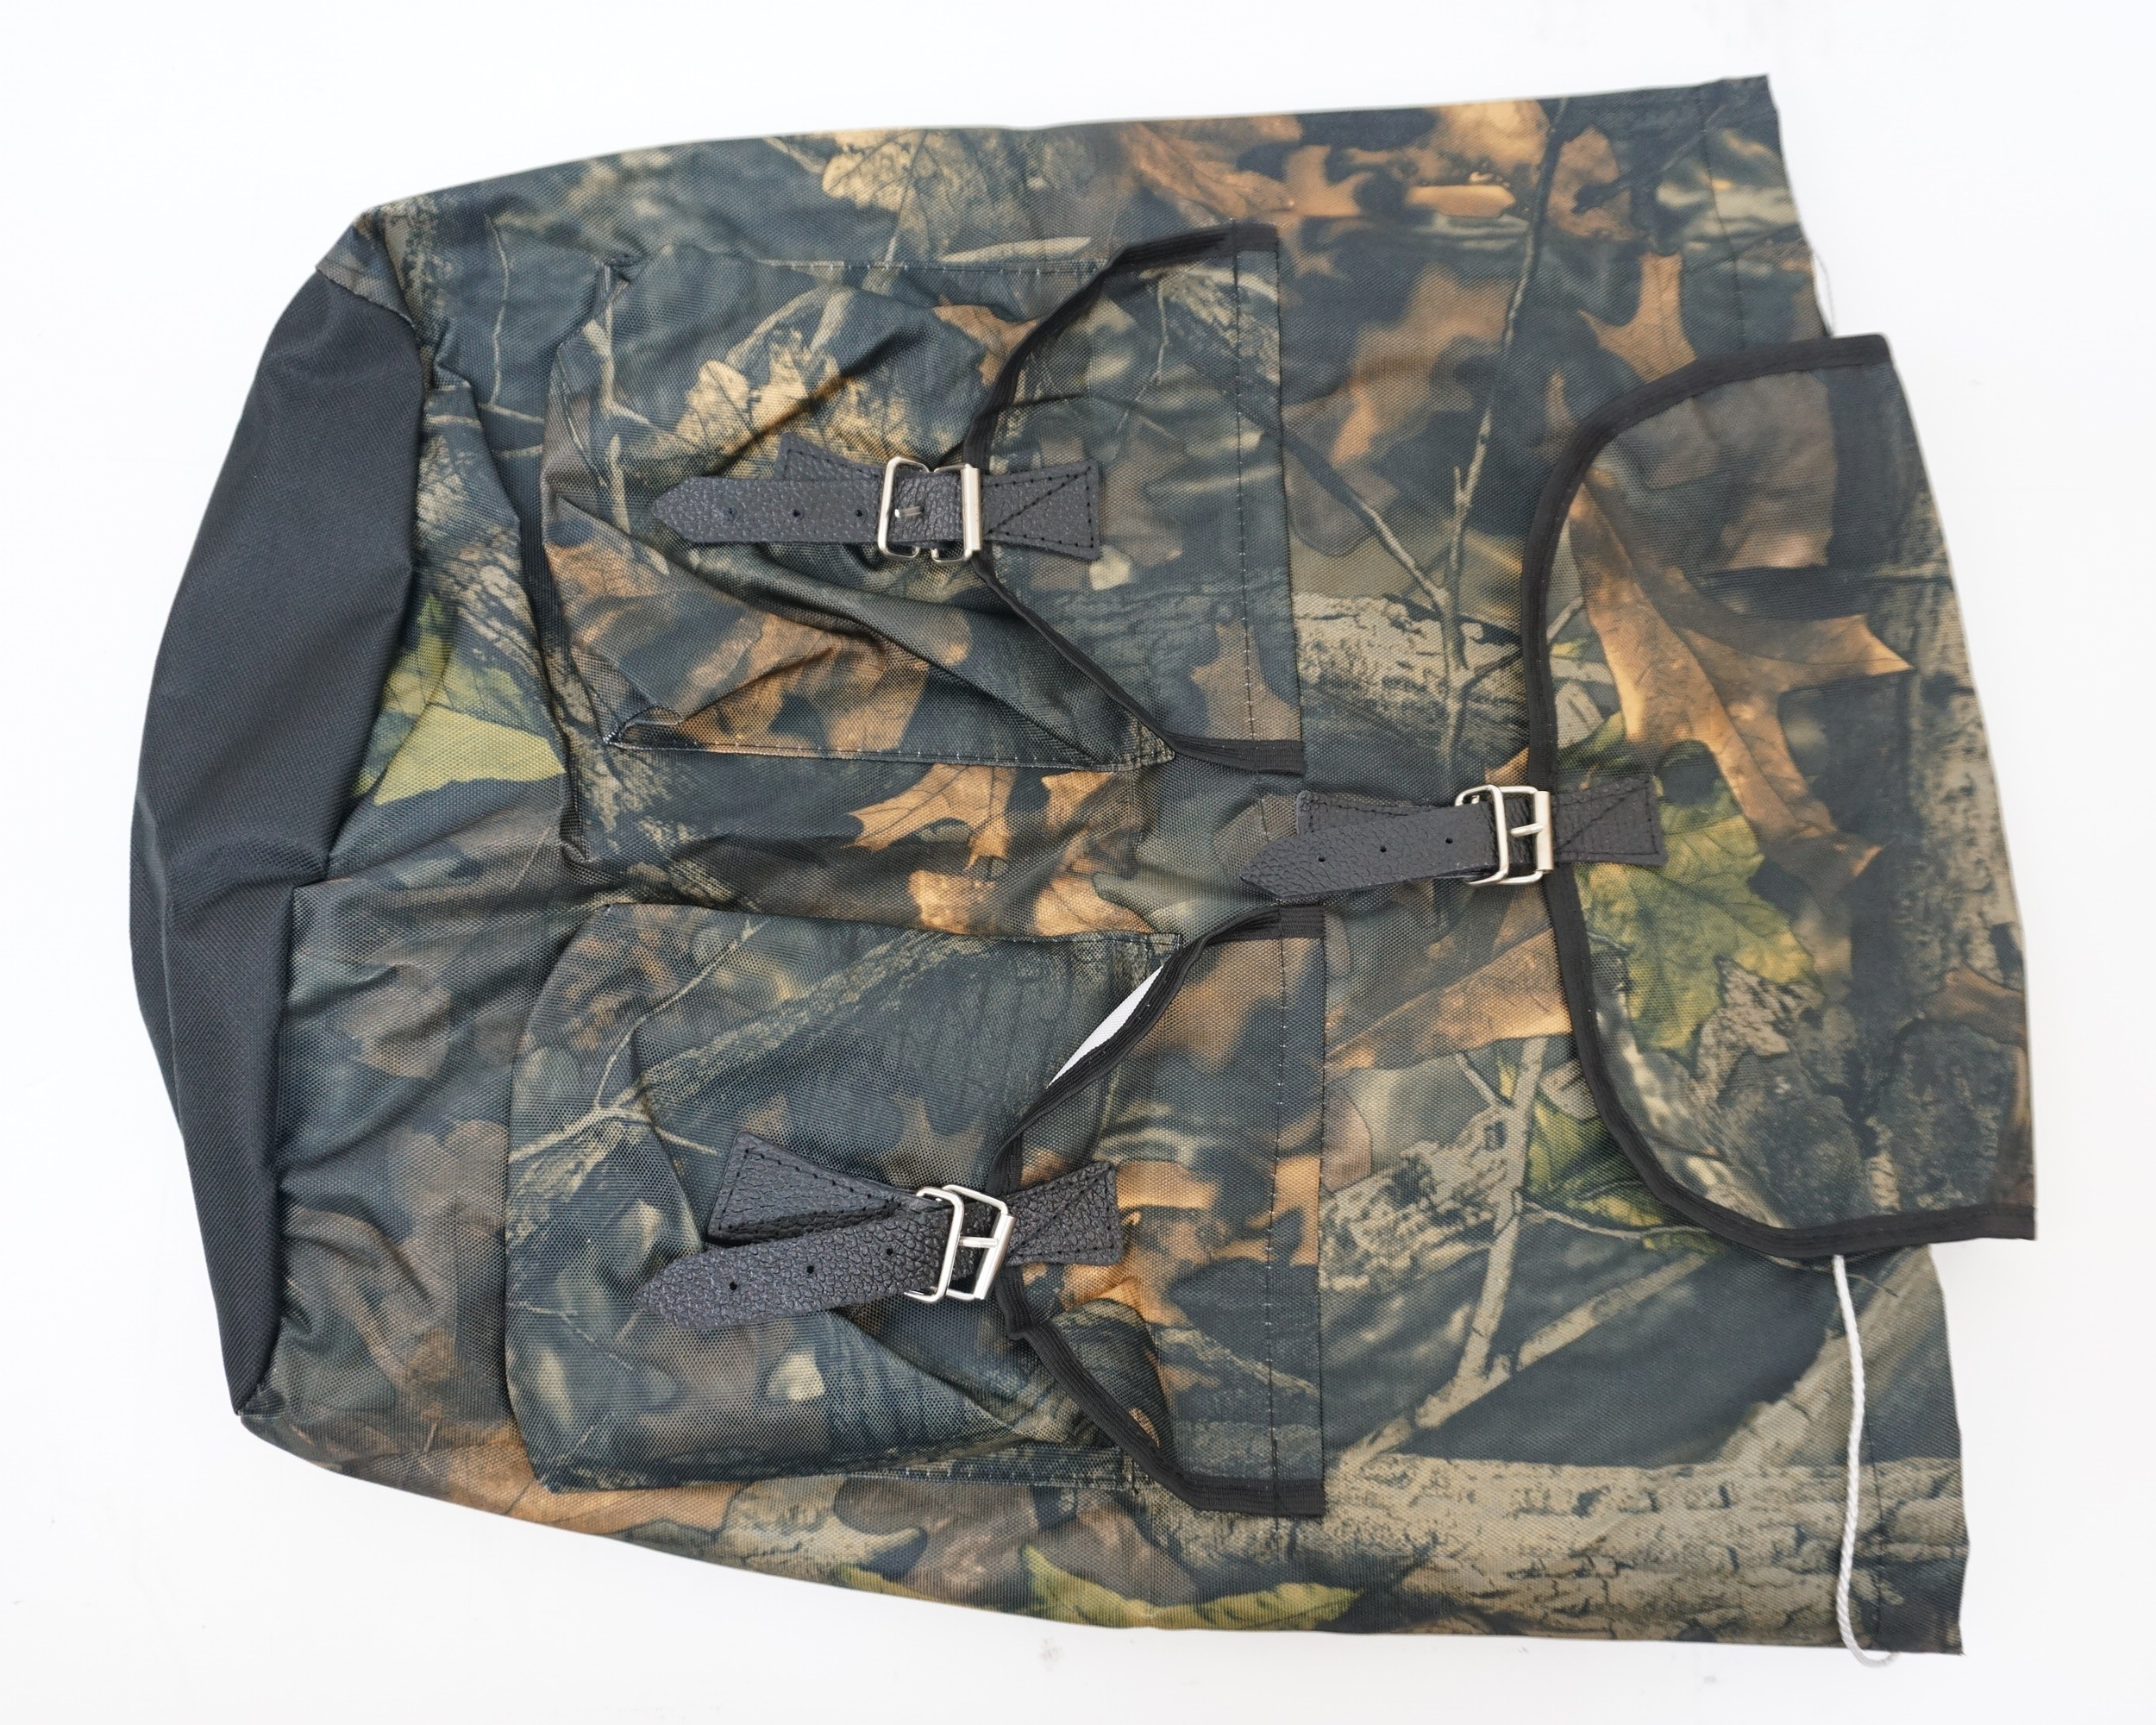 Рюкзак «Шанс» камуфляж, прорезиненный, 70 л